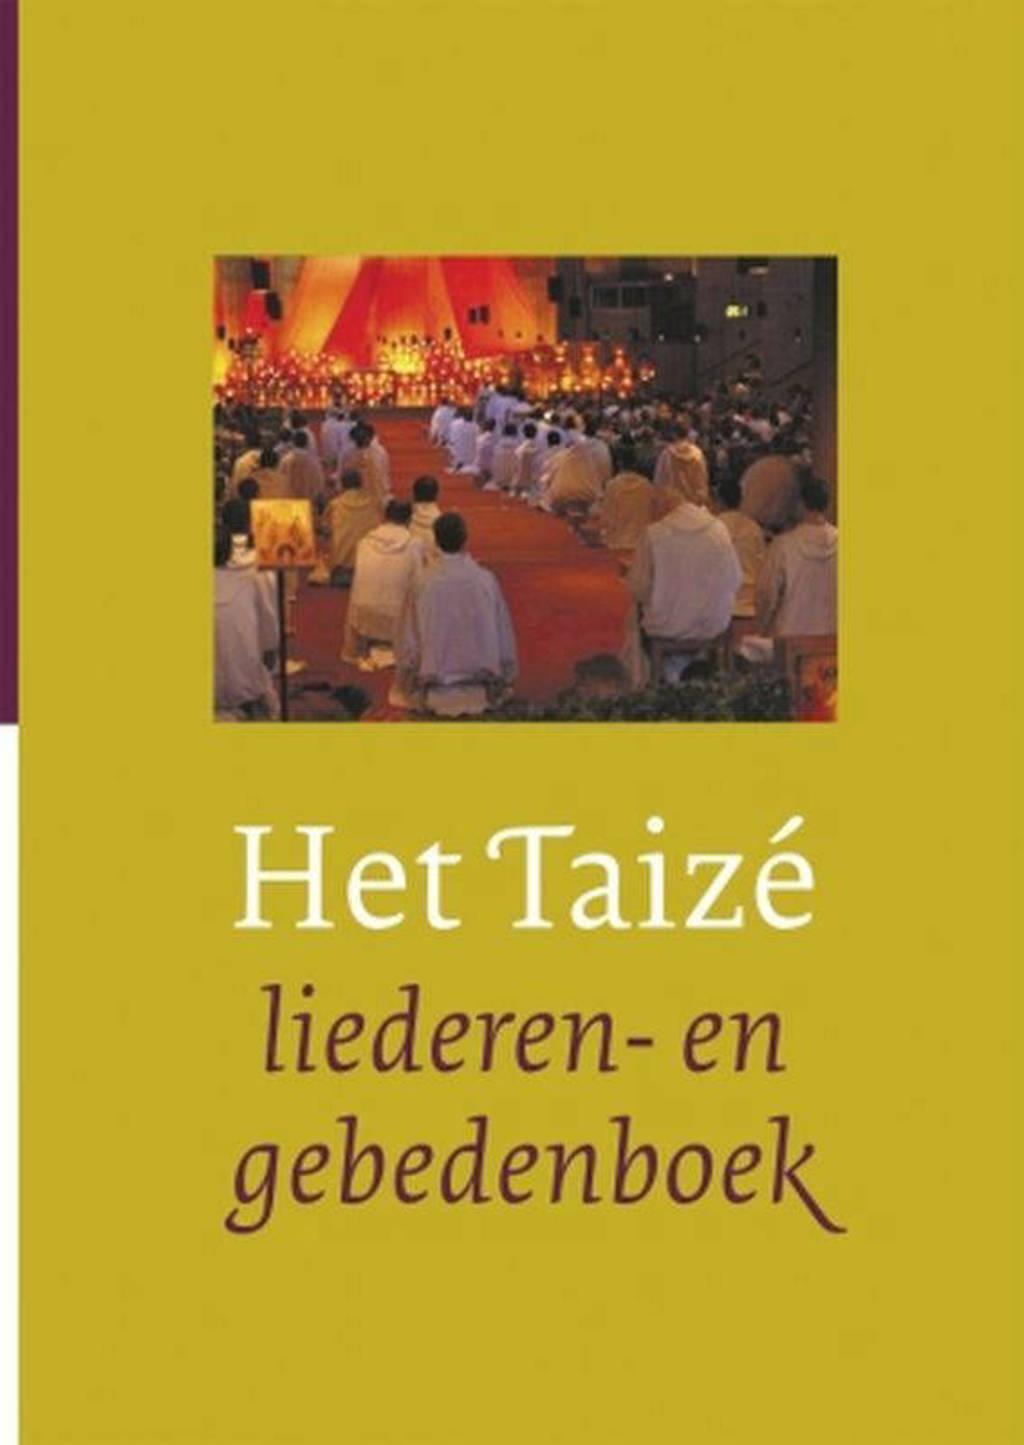 Het Taizé liederen- en gebedenboek